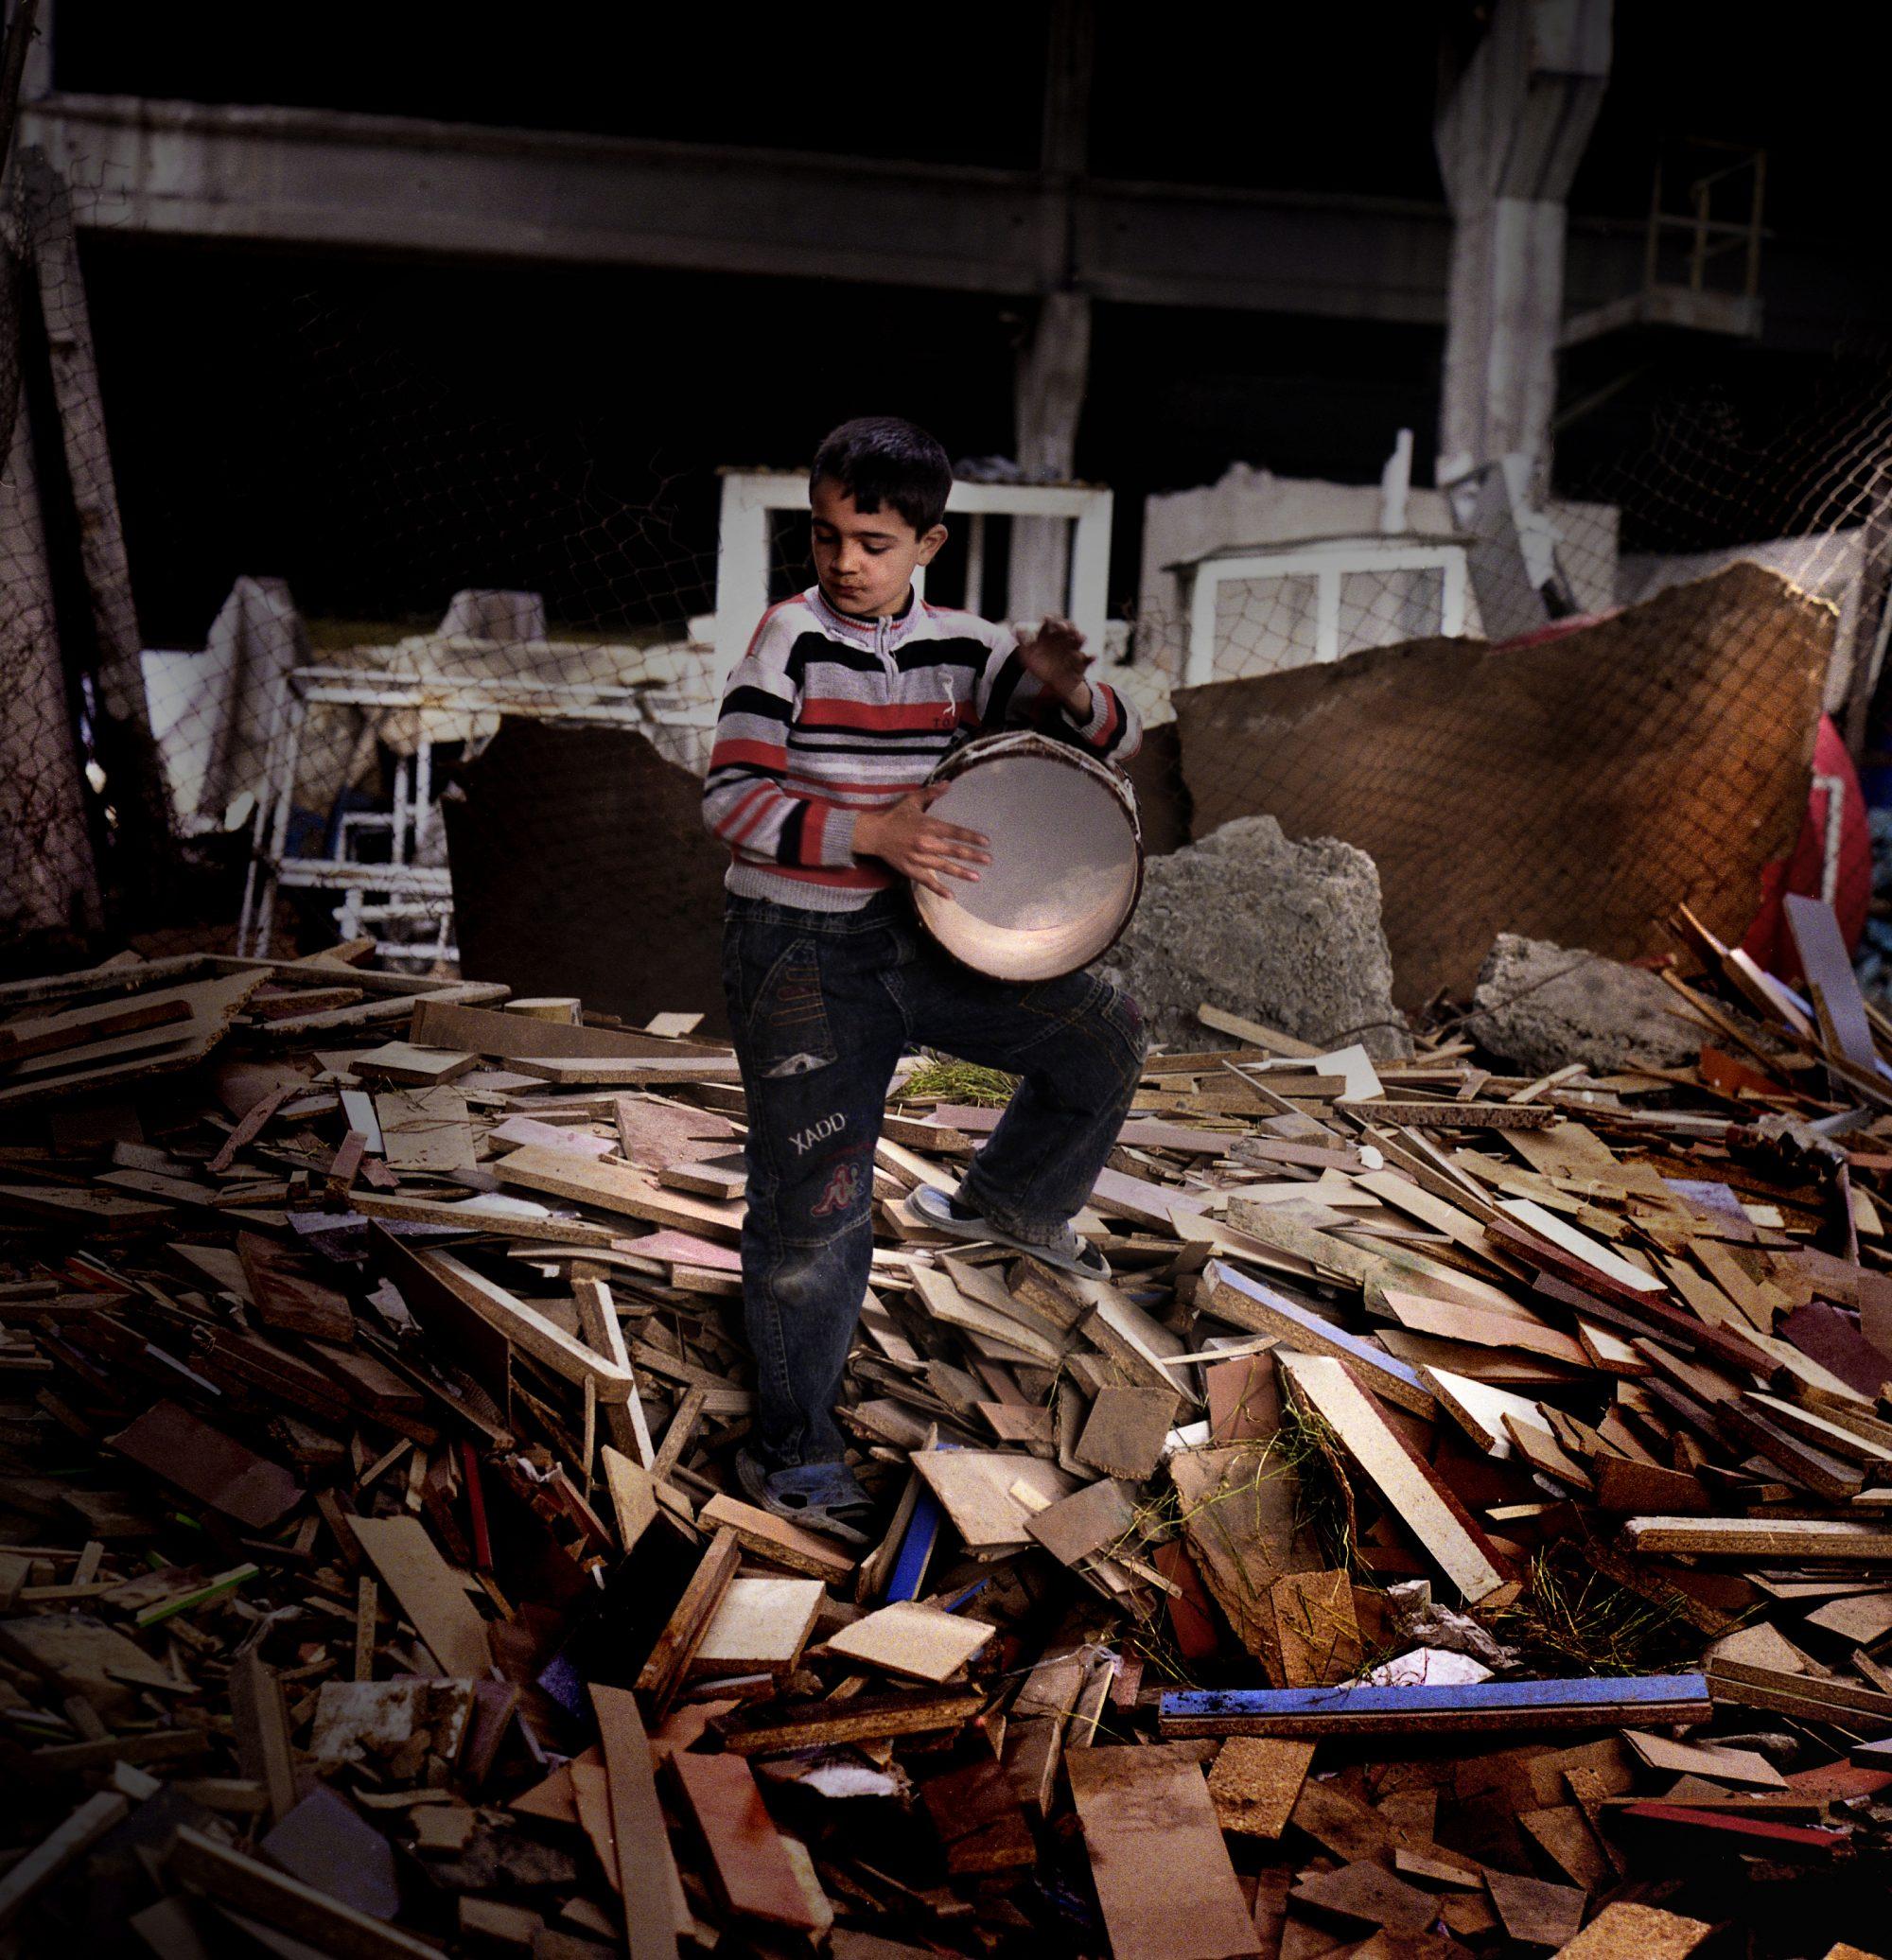 Boy with drum © Rena Effendi/Prince Claus Fund/INSTITUTE